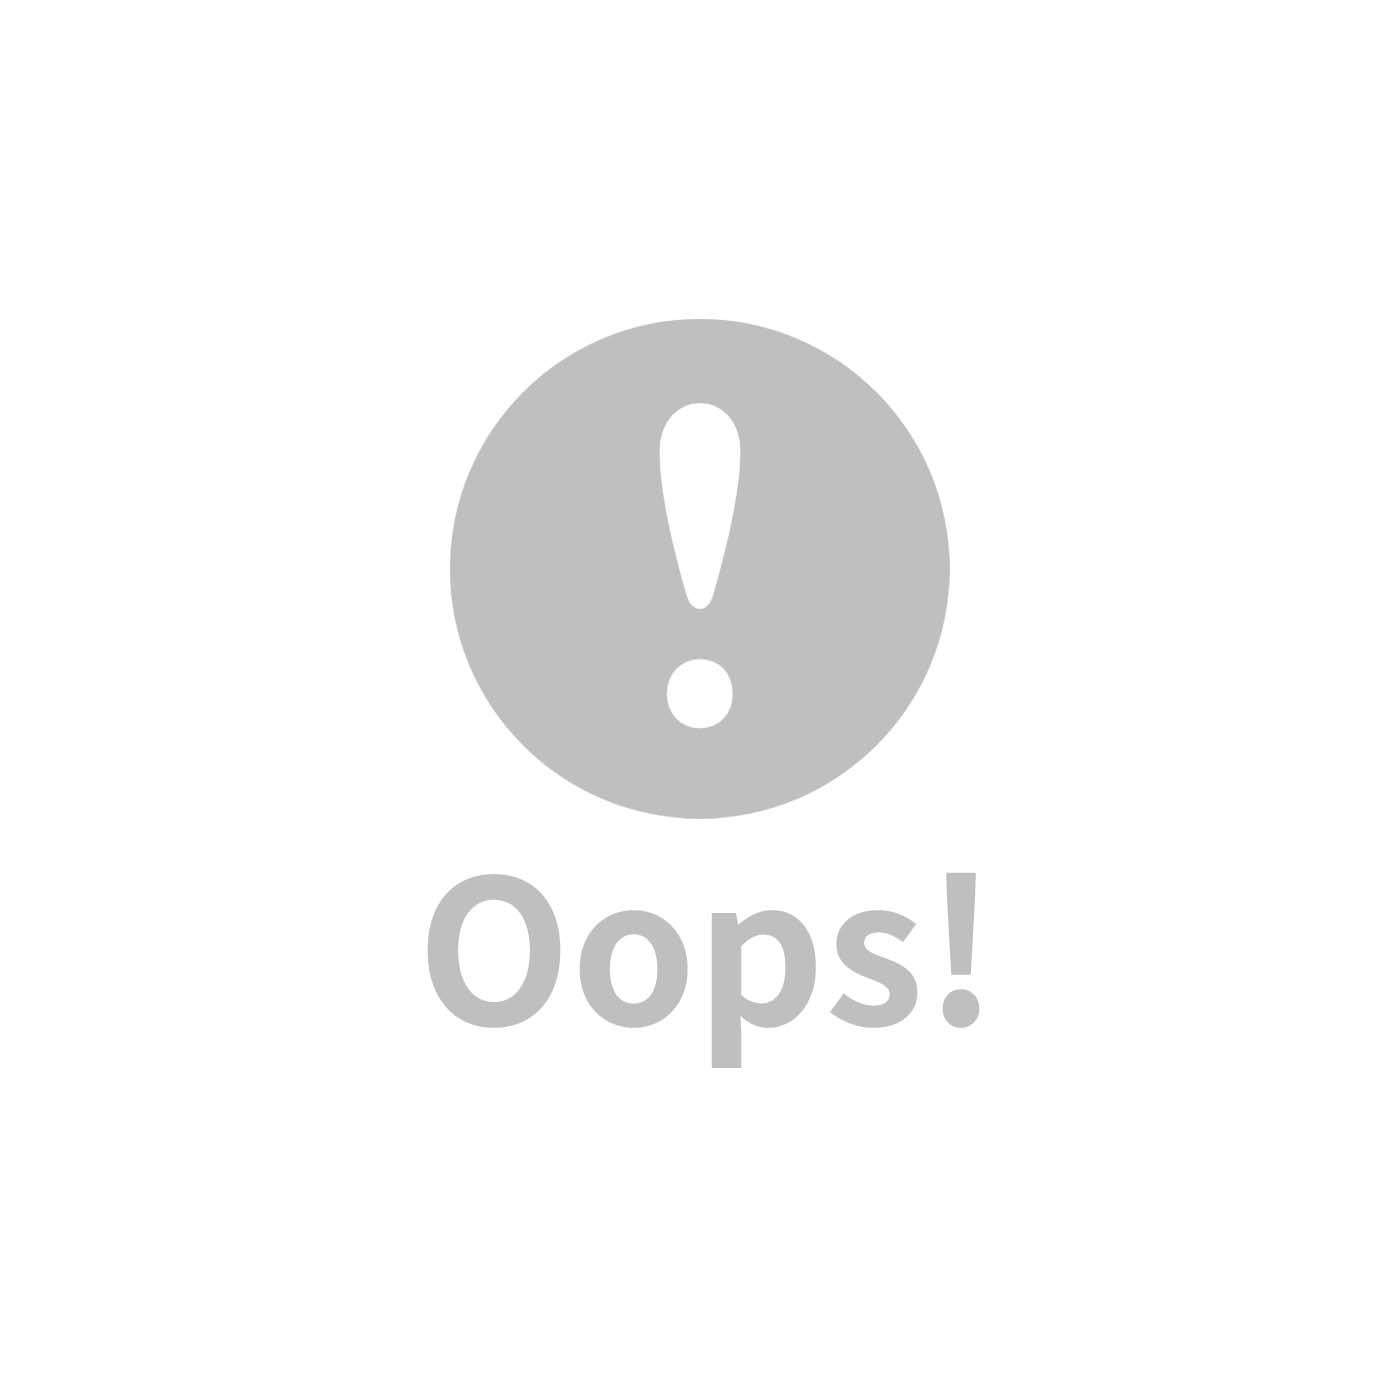 【韓國 lolbaby】Hi Jell-O涼感蒟蒻枕頭_防水隔尿款 (青草綿羊)